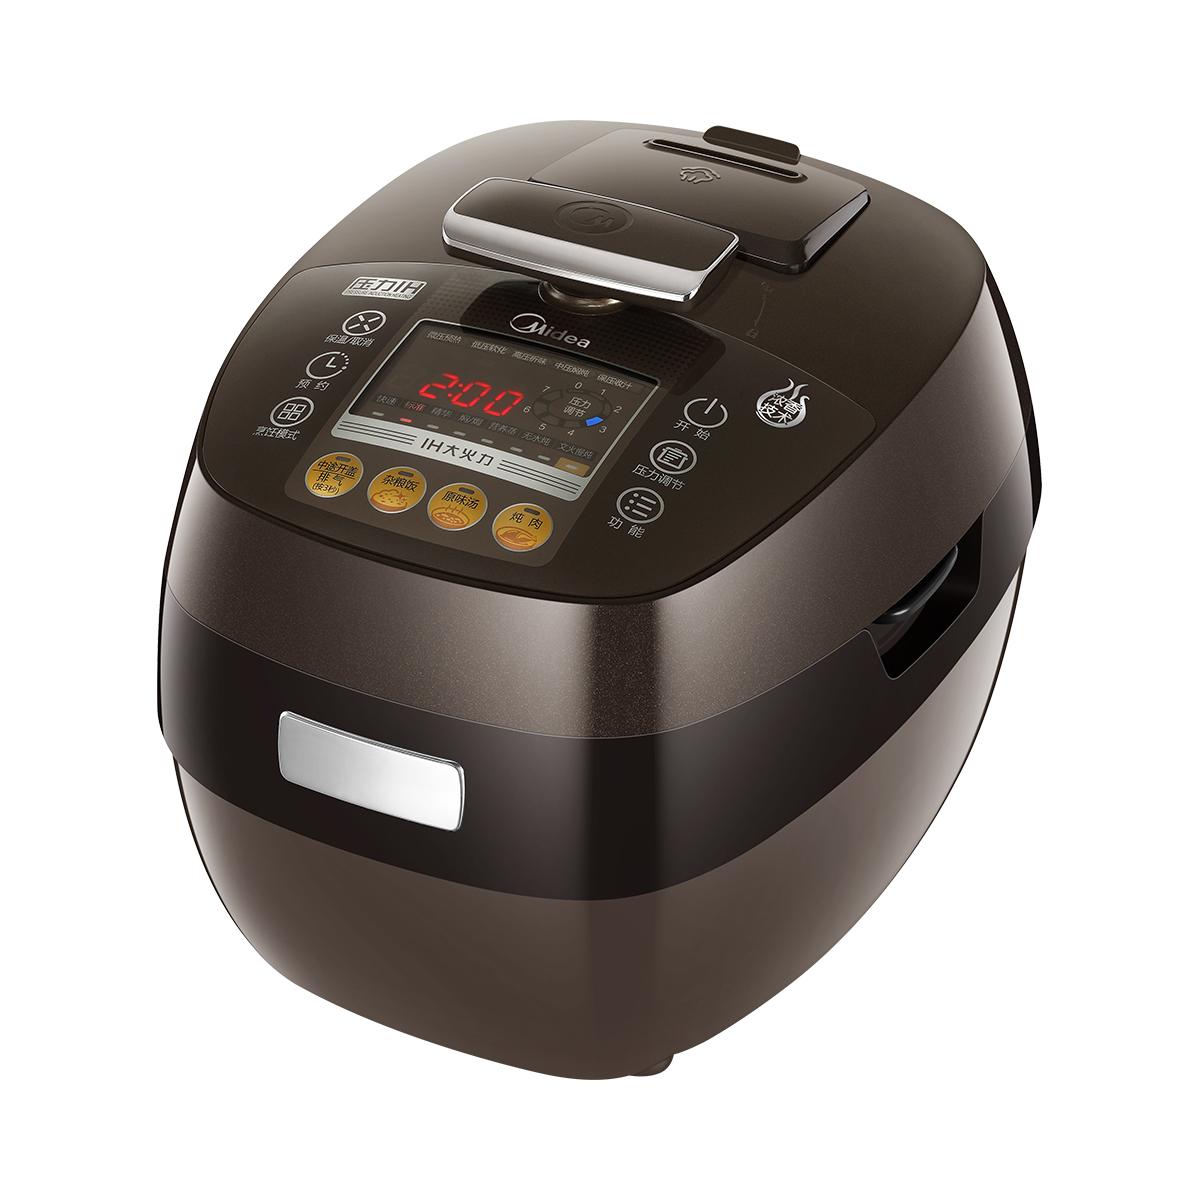 Midea/美的 MY-HT5076P(PHT5076PA)电压力锅 说明书.pdf